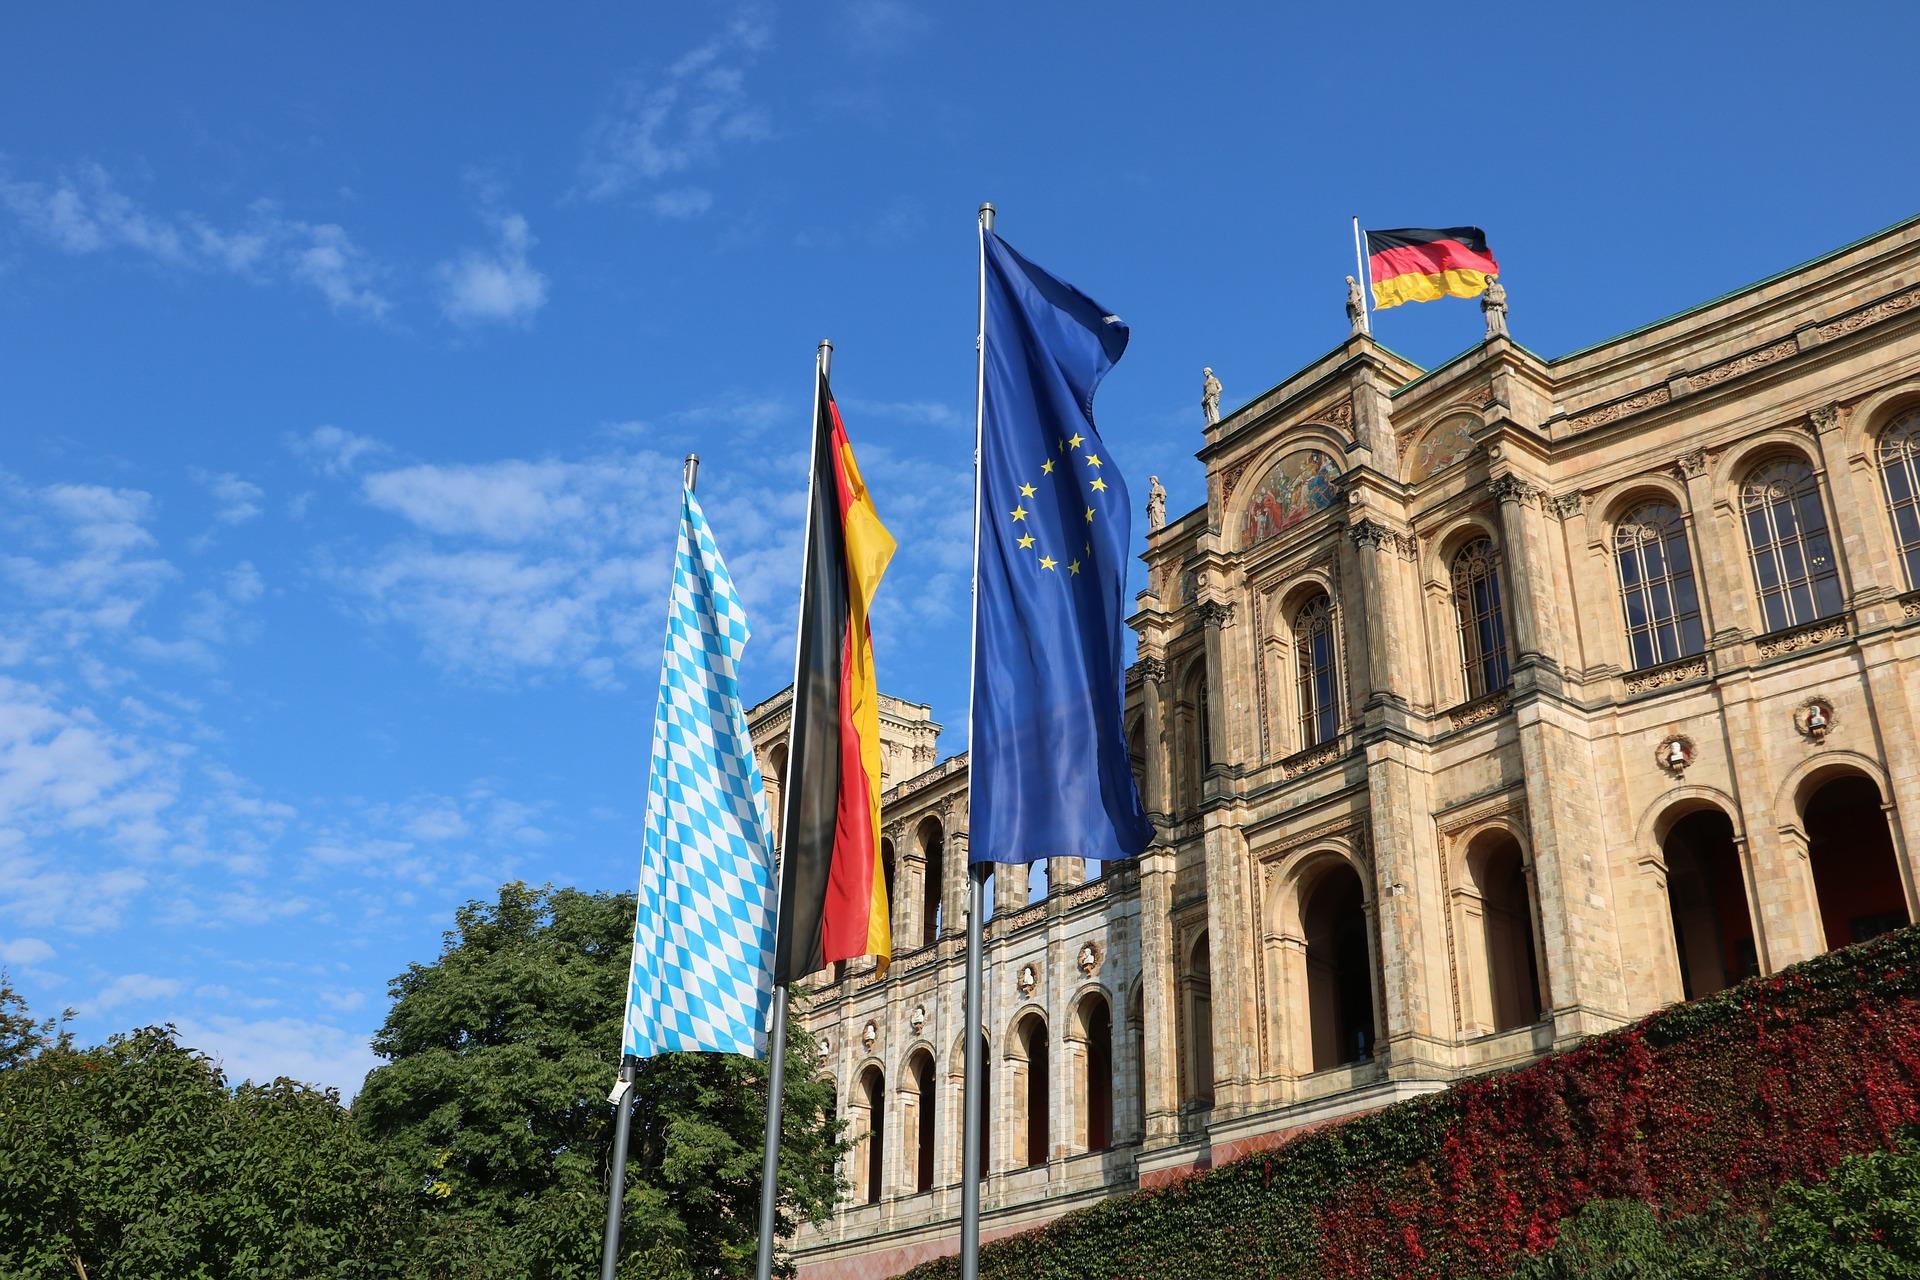 """Corona-Krise: Volksbegehren zur Abberufung des Bayerischen Landtags – Herrmann: """"Ganz eindeutig aus der Querdenker-Szene"""""""